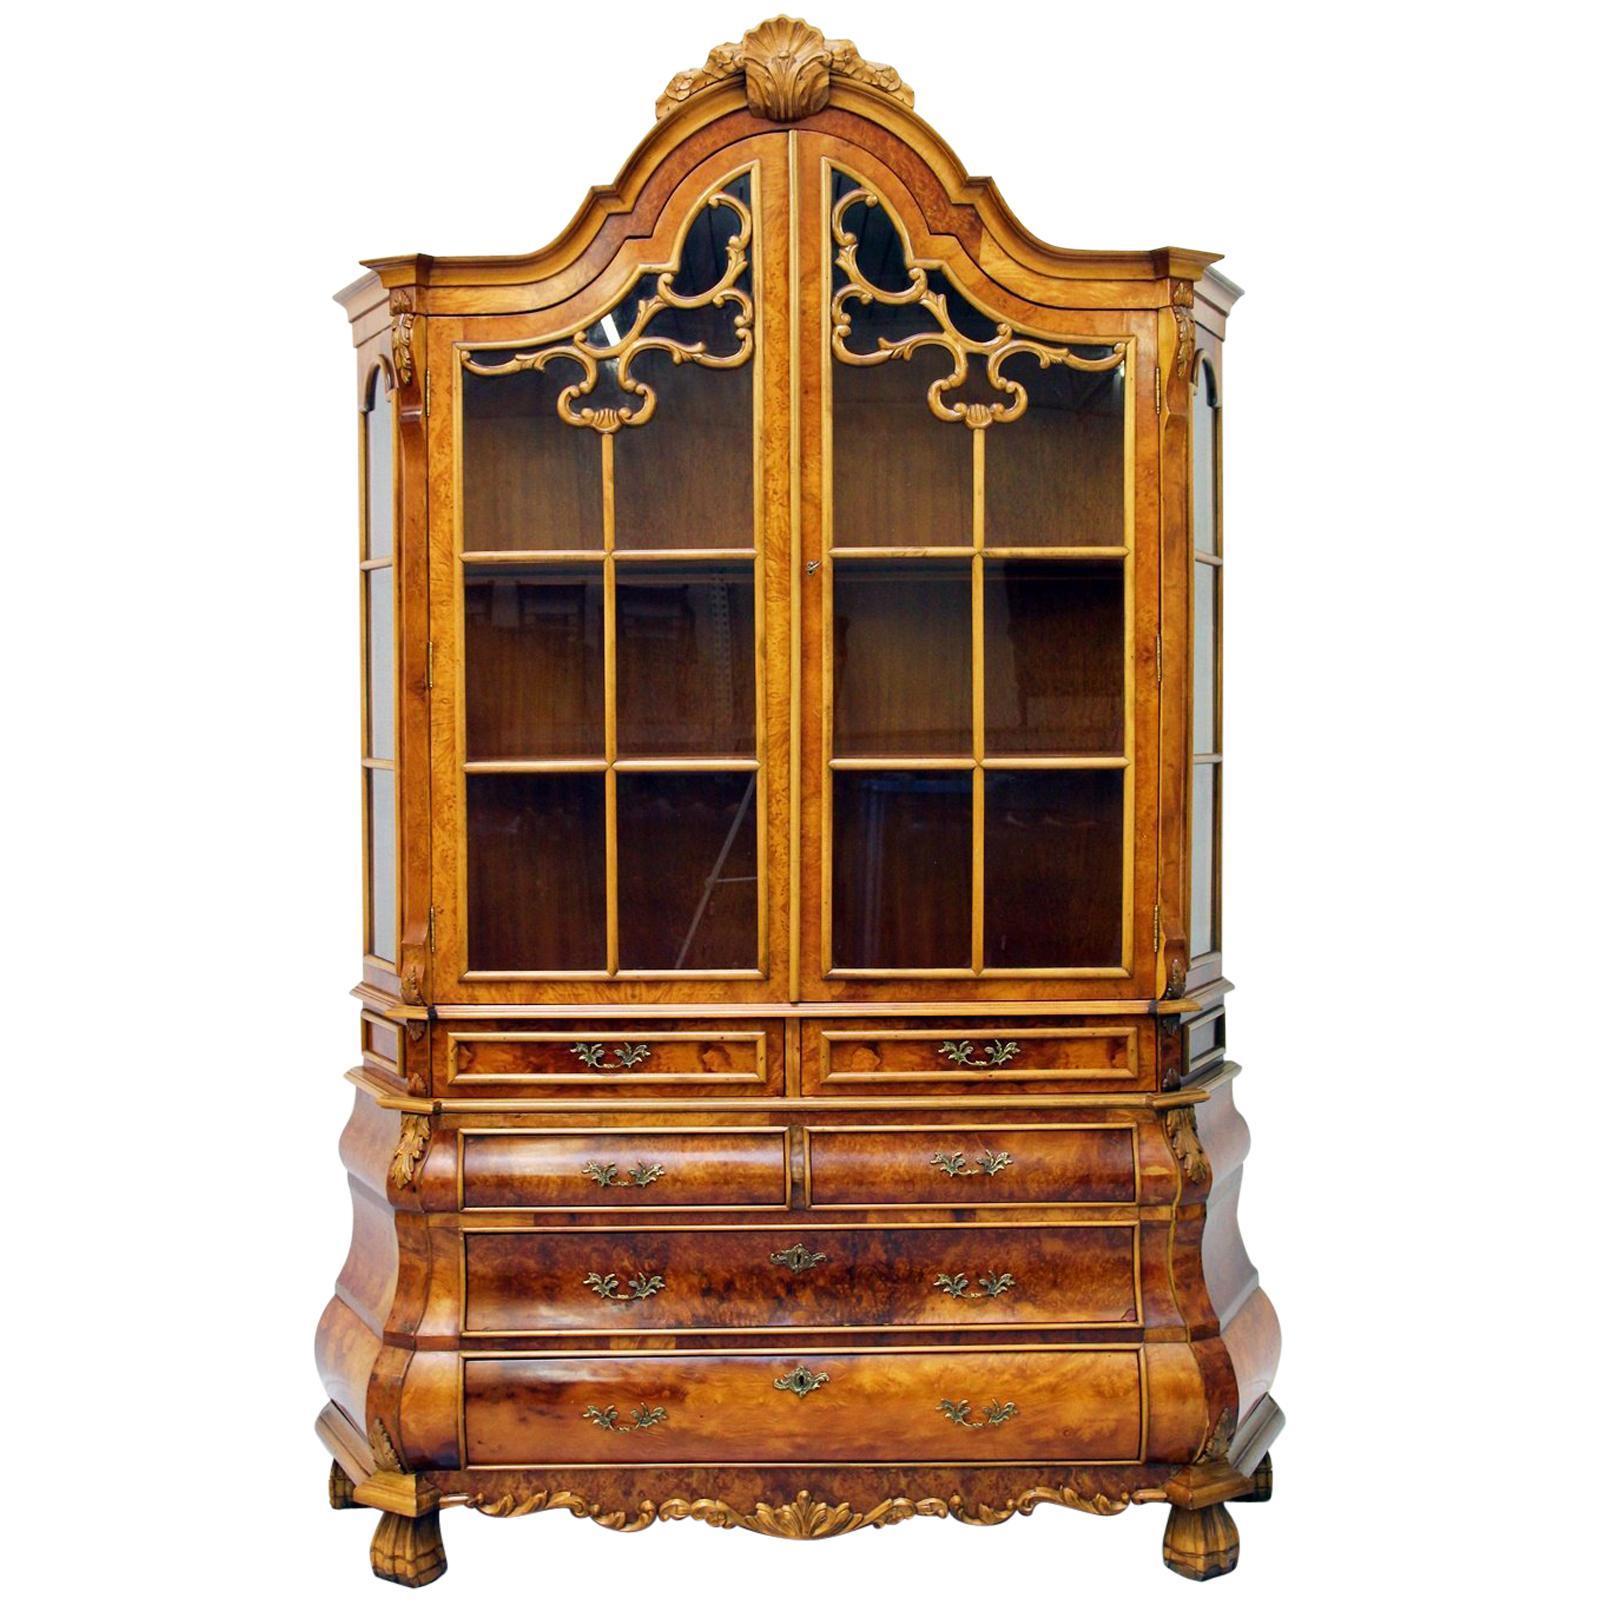 1890s bedroom furniture 38 for sale at 1stdibs rh 1stdibs com 1890 Bedrooms Headboards 1890 Bedrooms Headboards